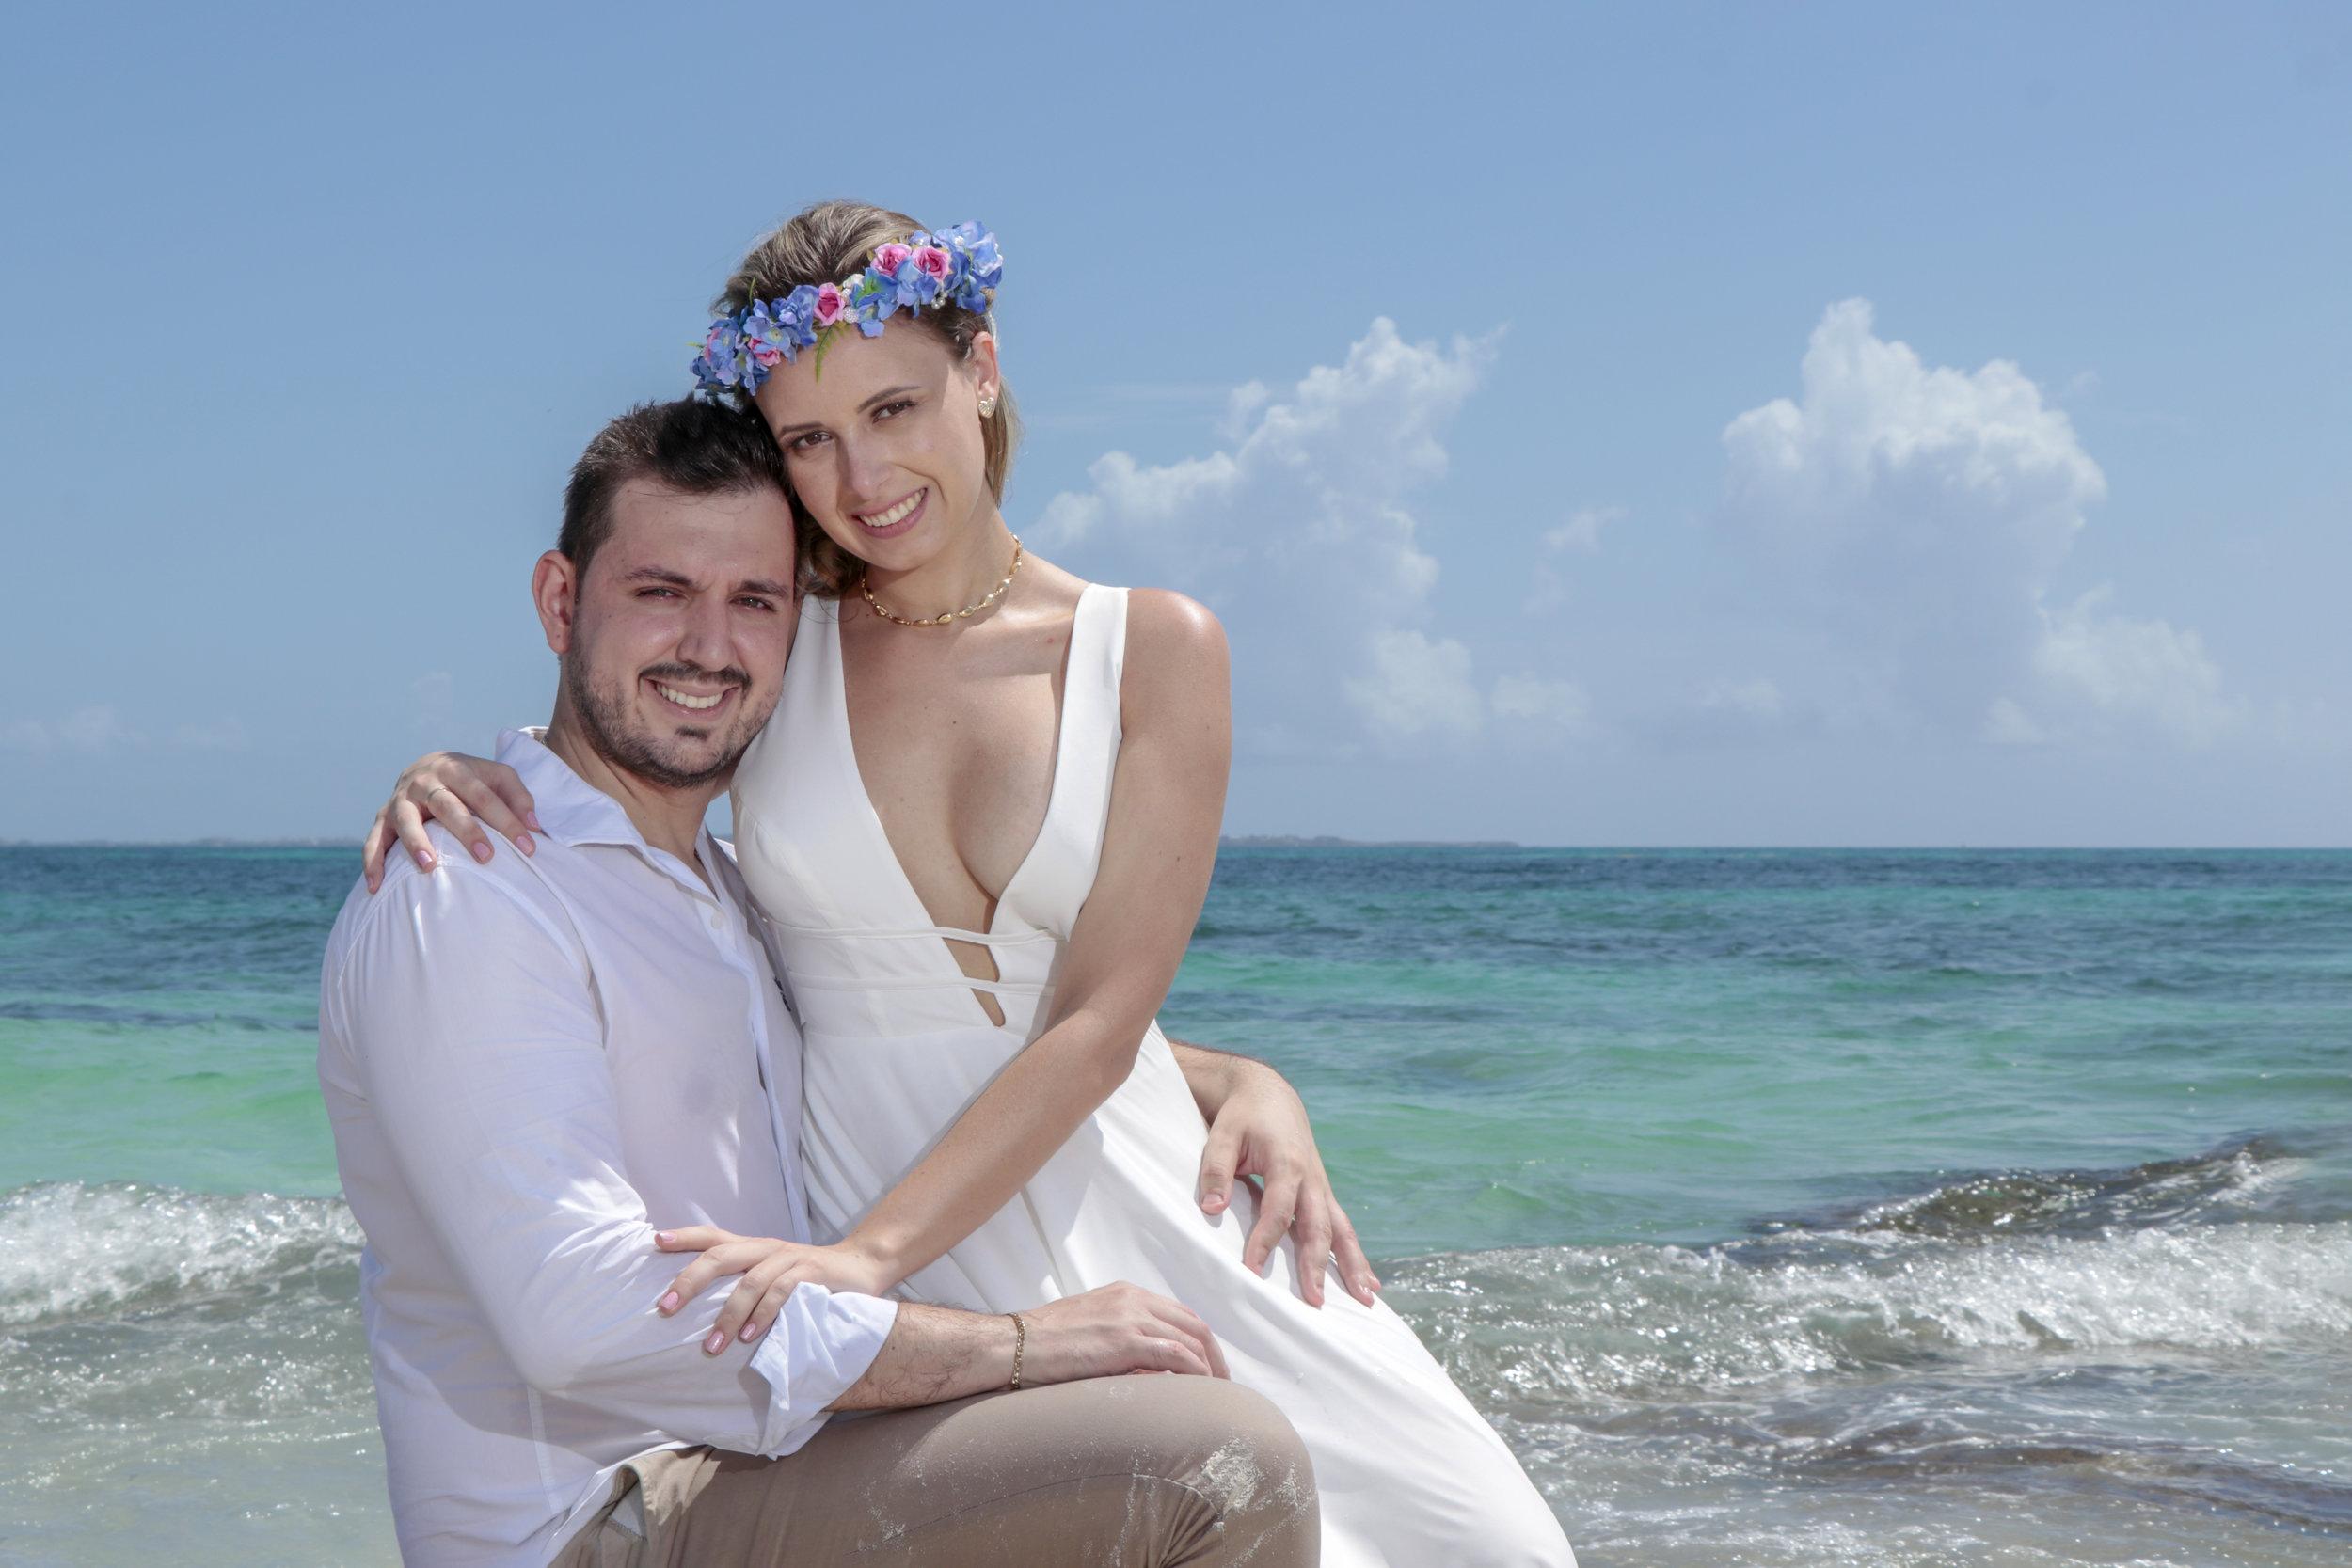 Ensaio Fotografico em Cancun 08.JPG